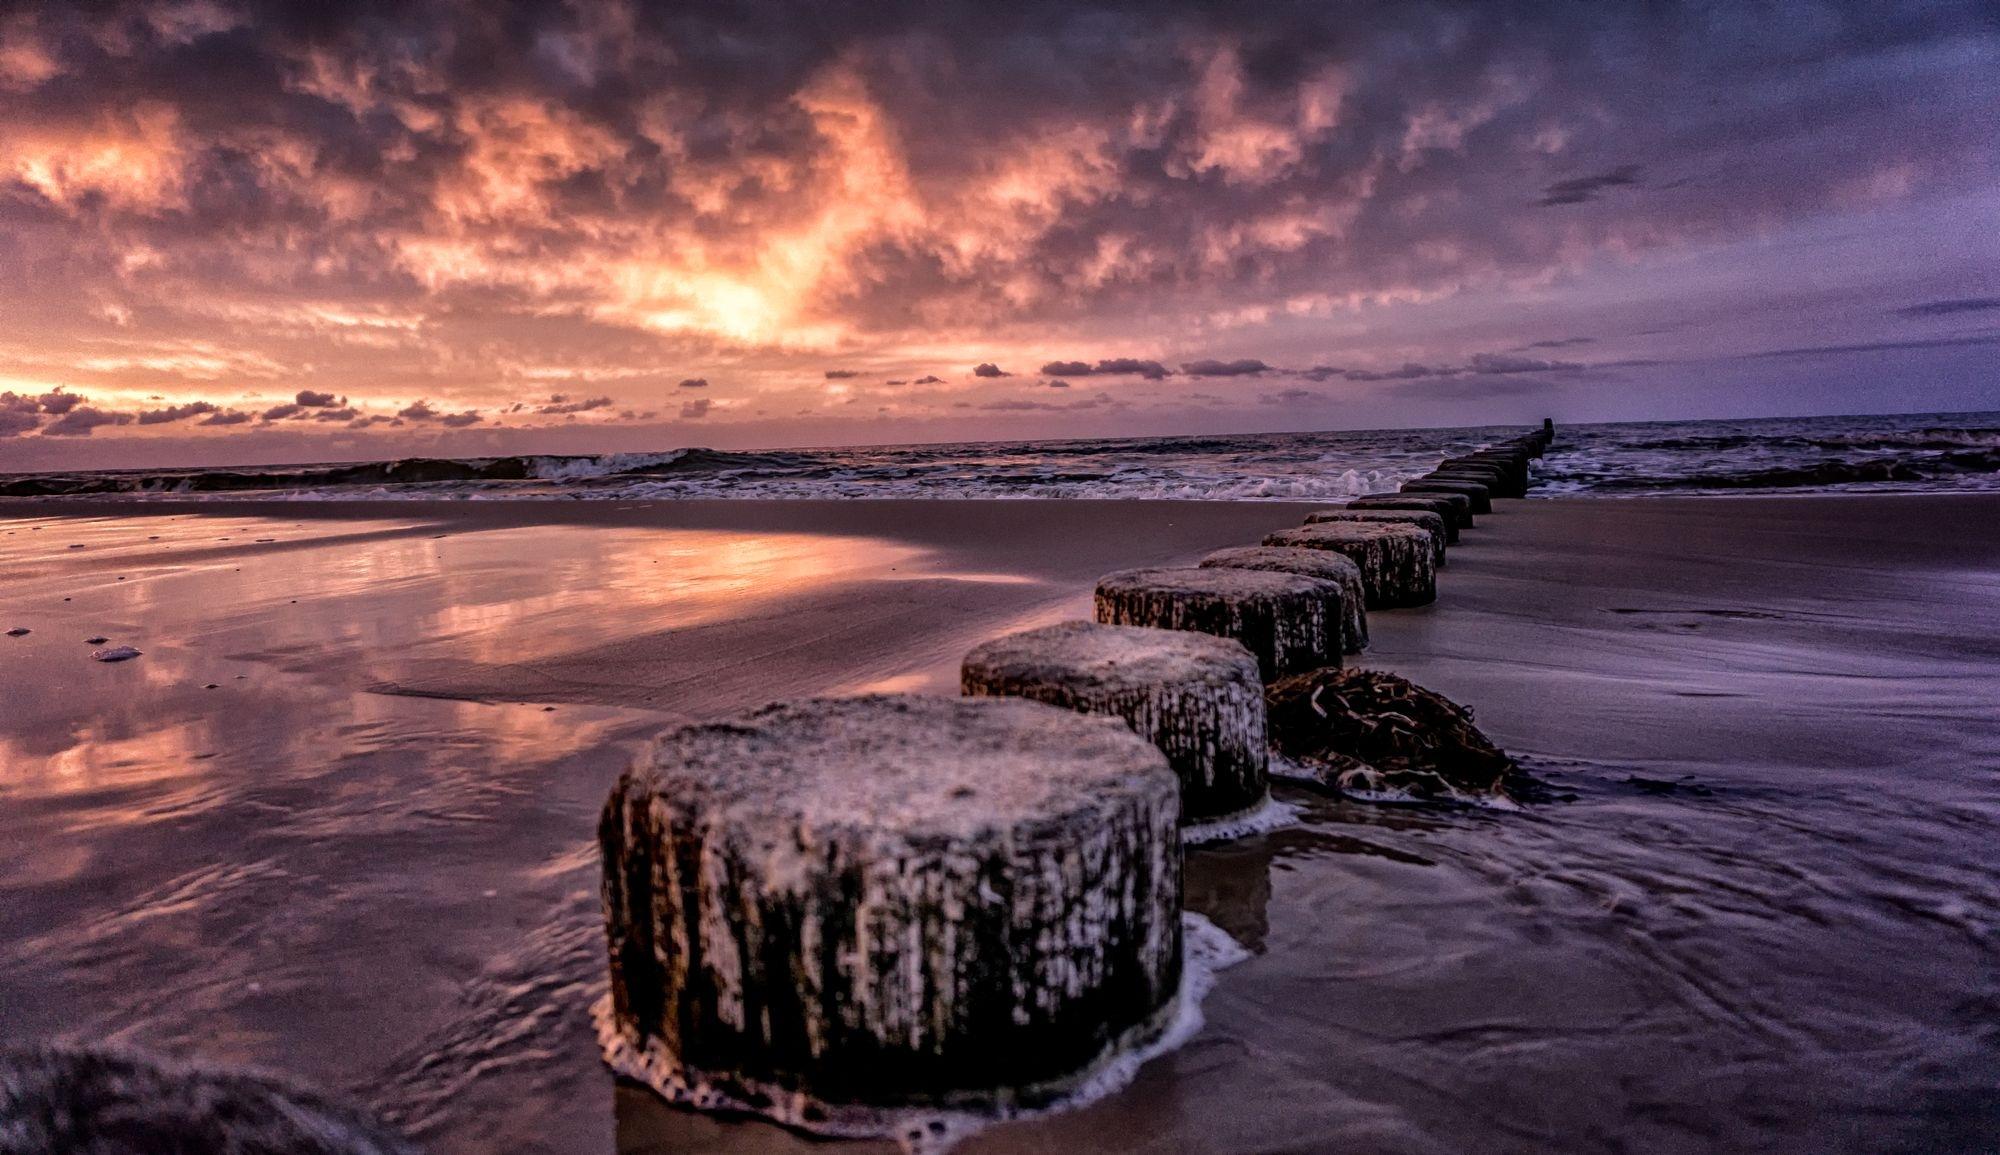 ocean dreams by NicNixon